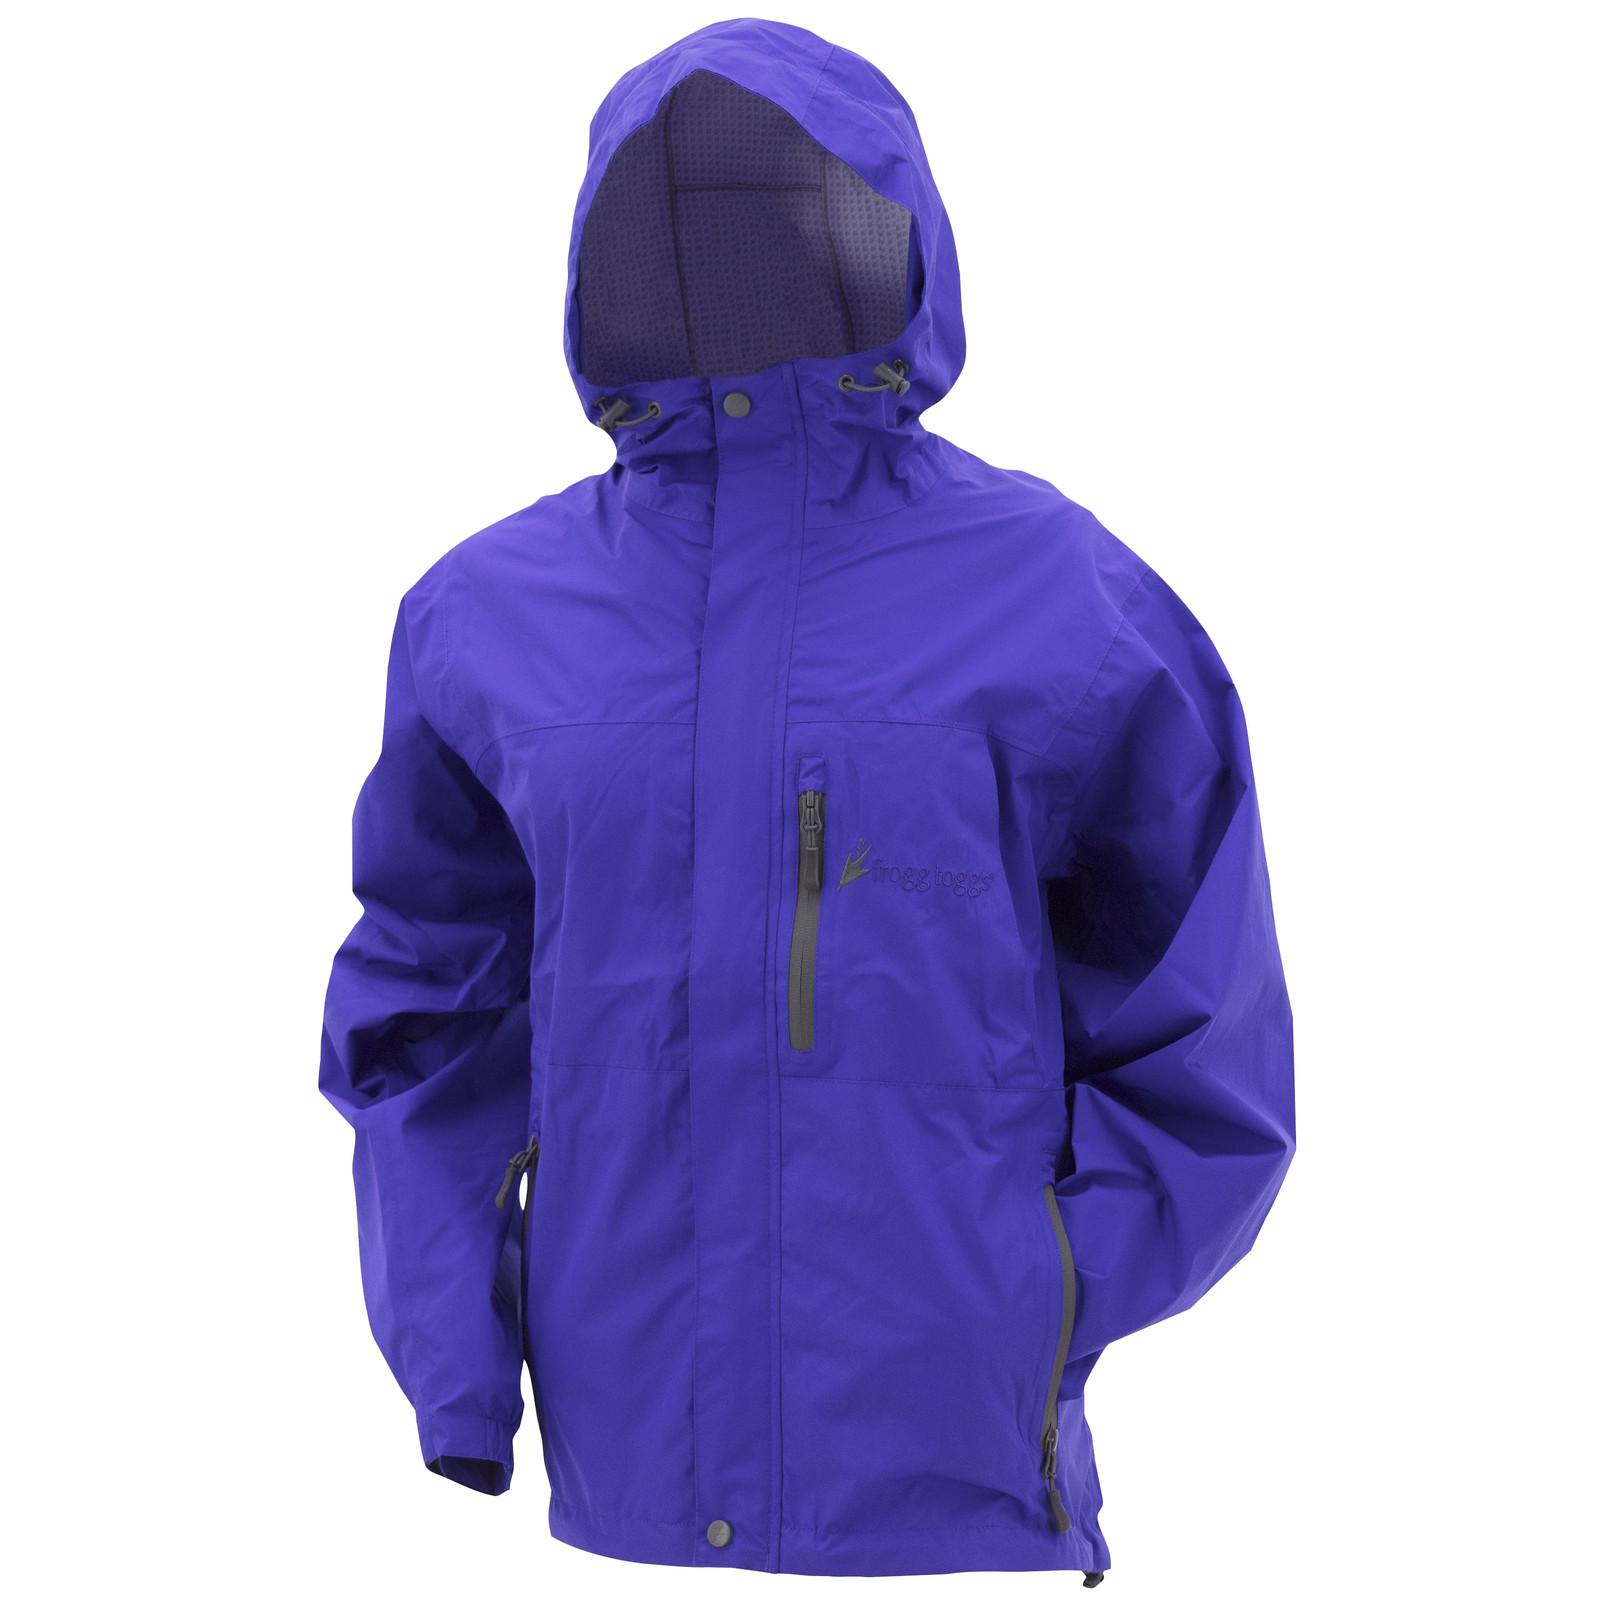 JT62530_Purple_thumbnail-large